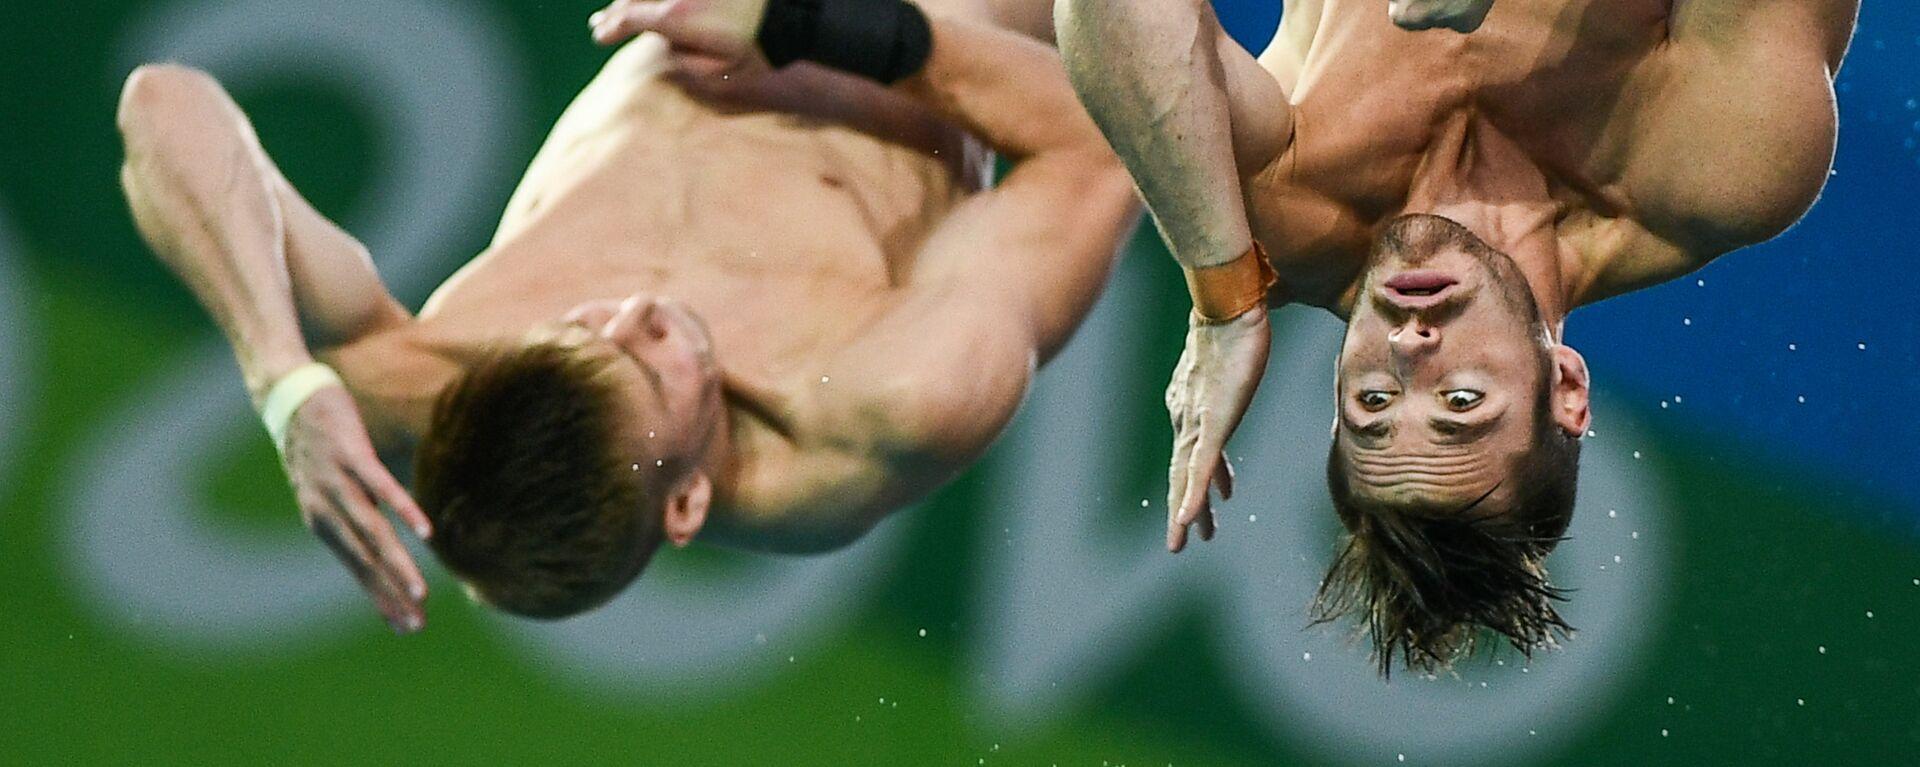 Олимпиада 2016. Синхронные прыжки в воду. Мужчины. Вышка 10 м - Sputnik Латвия, 1920, 22.05.2020